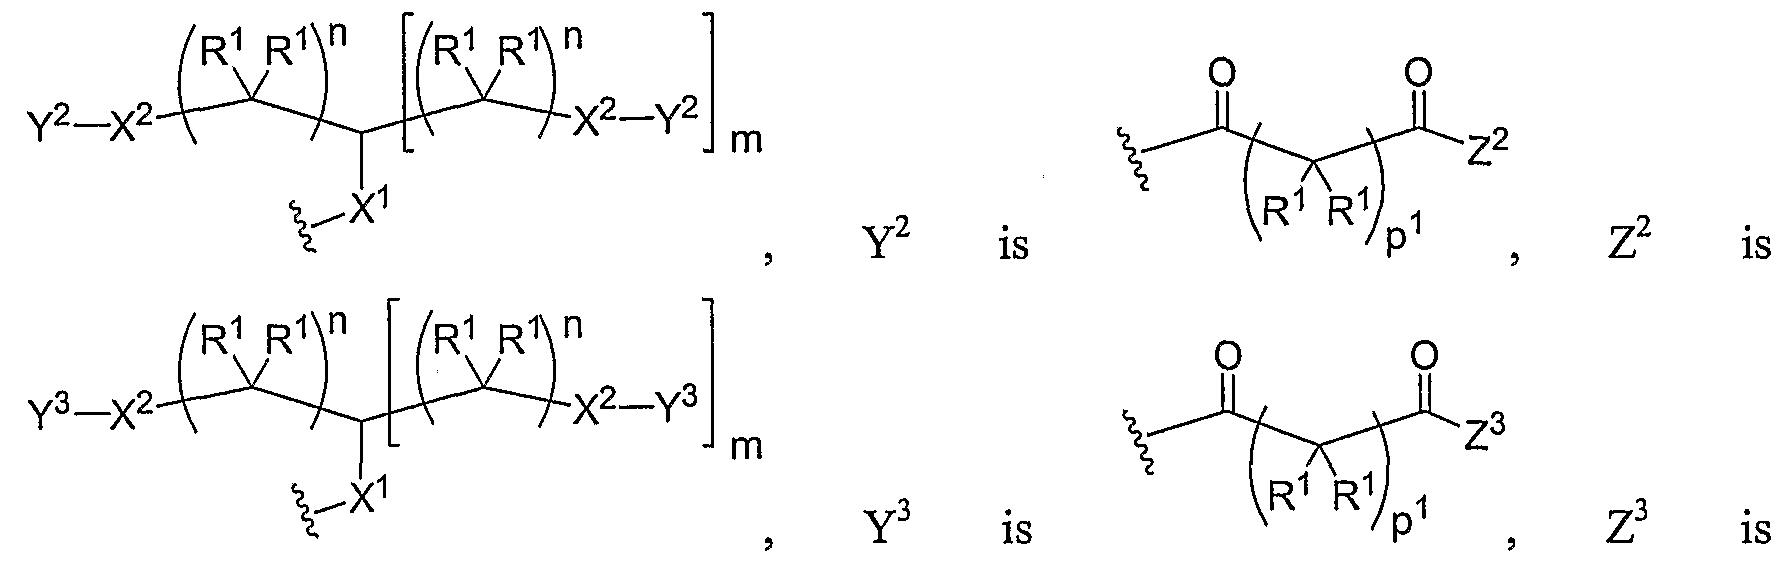 Figure imgf000385_0005